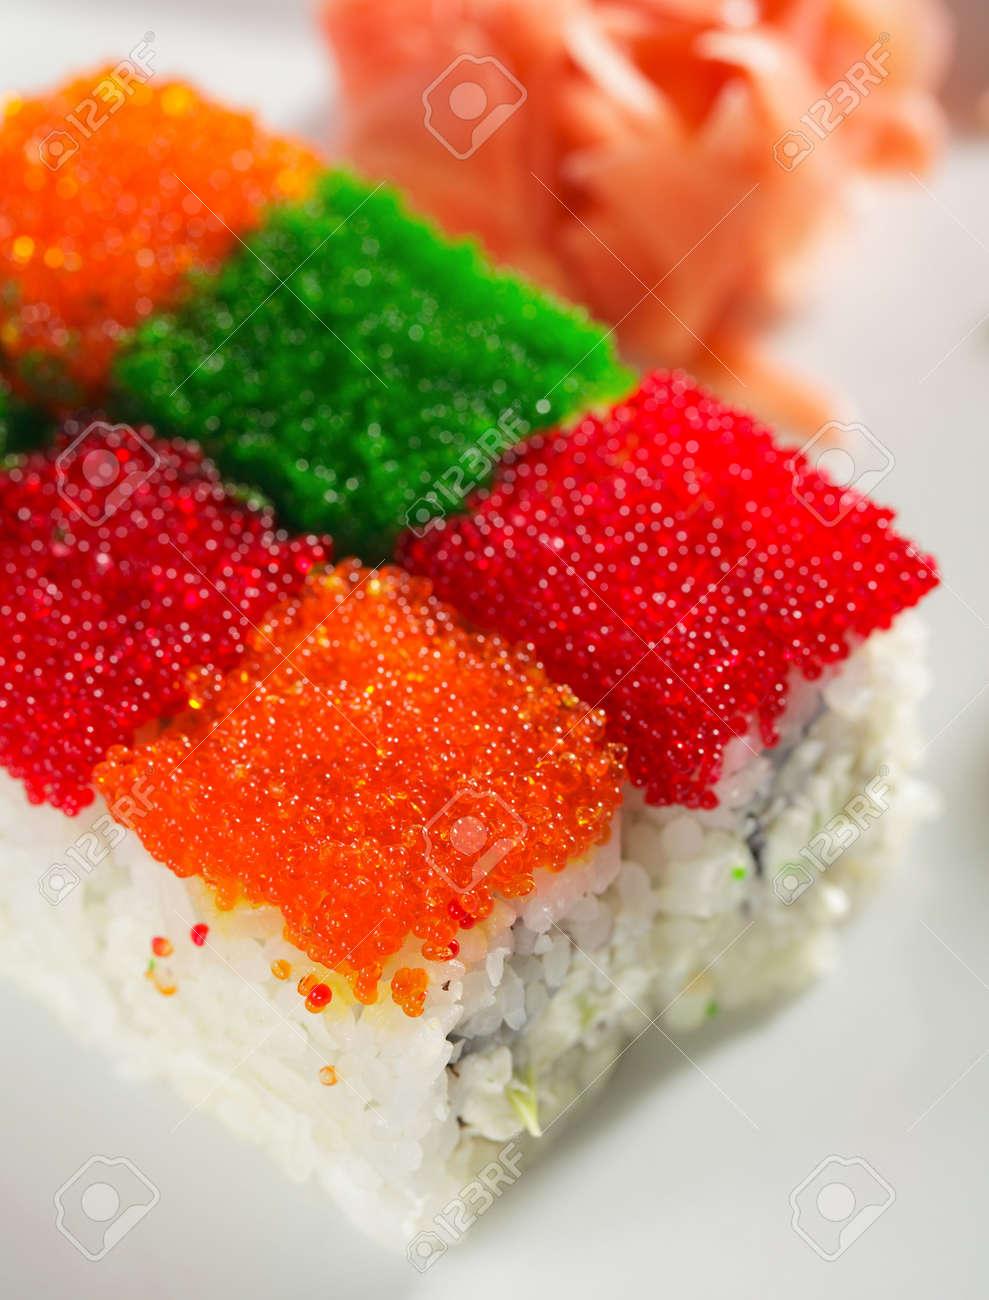 Tobiko Rainbow Maki Sushi - Roll with various type of Tobiko